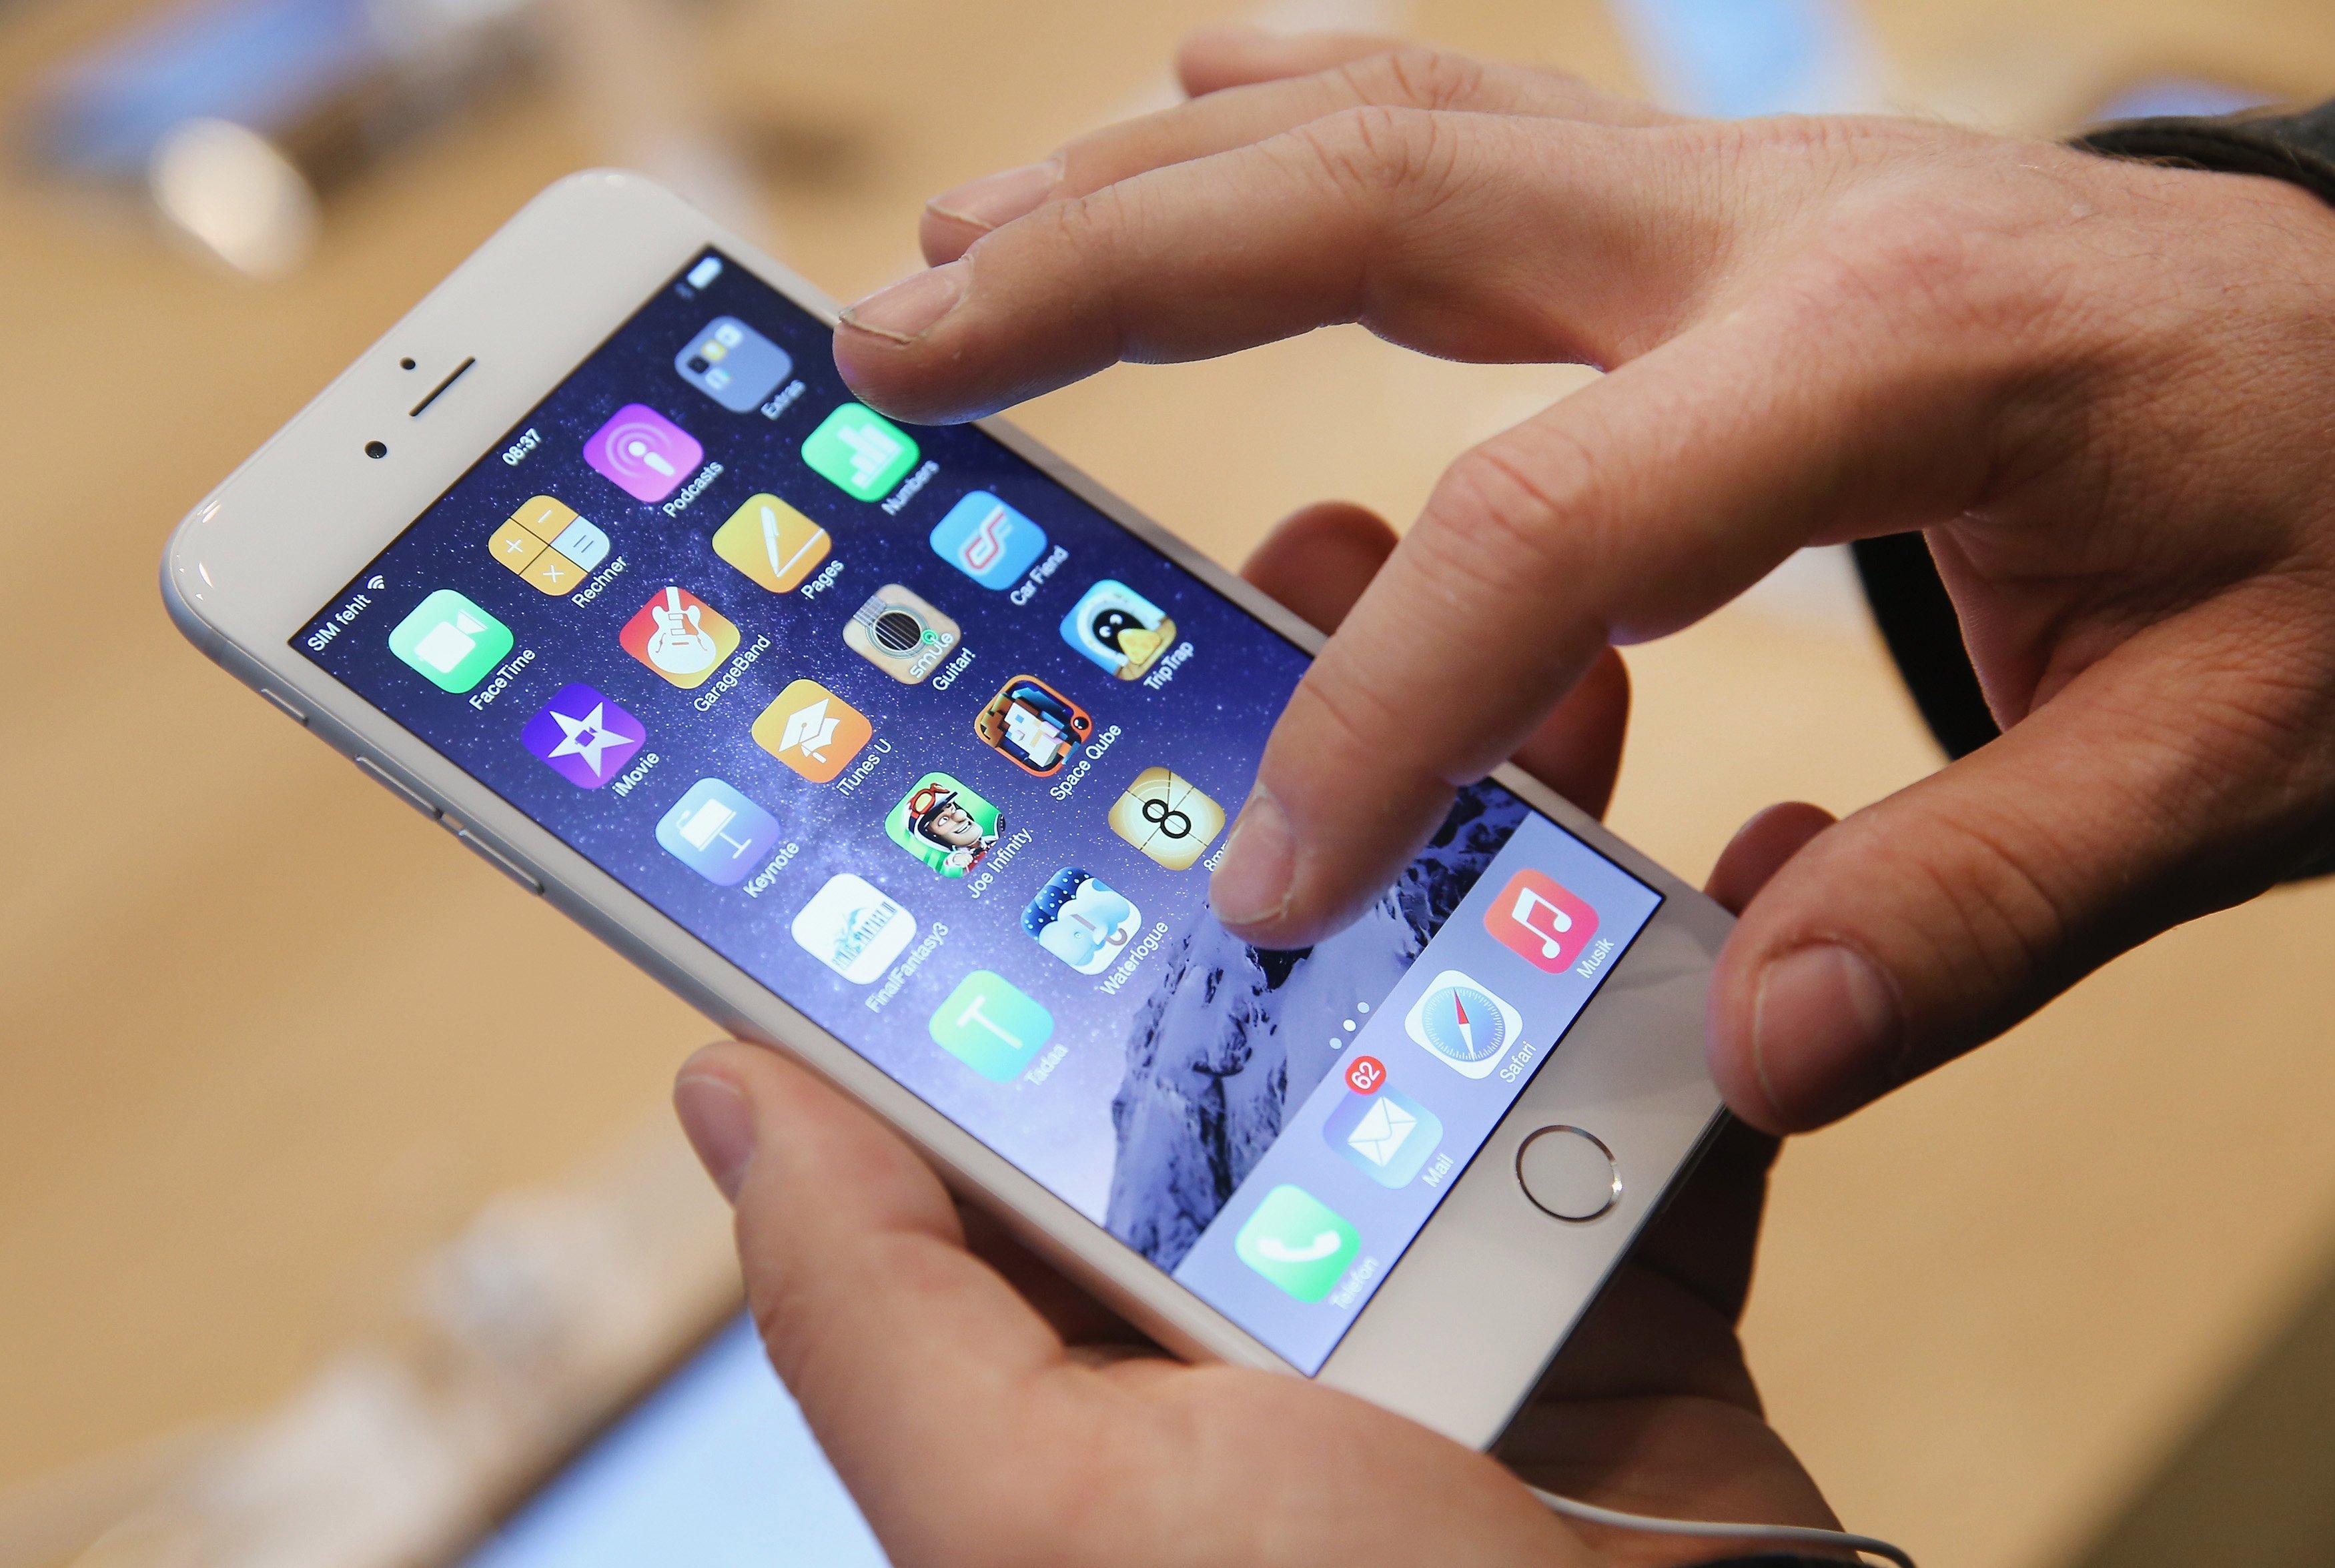 Memperbaiki Touchscreen Pada Handphone Yang Sering Error